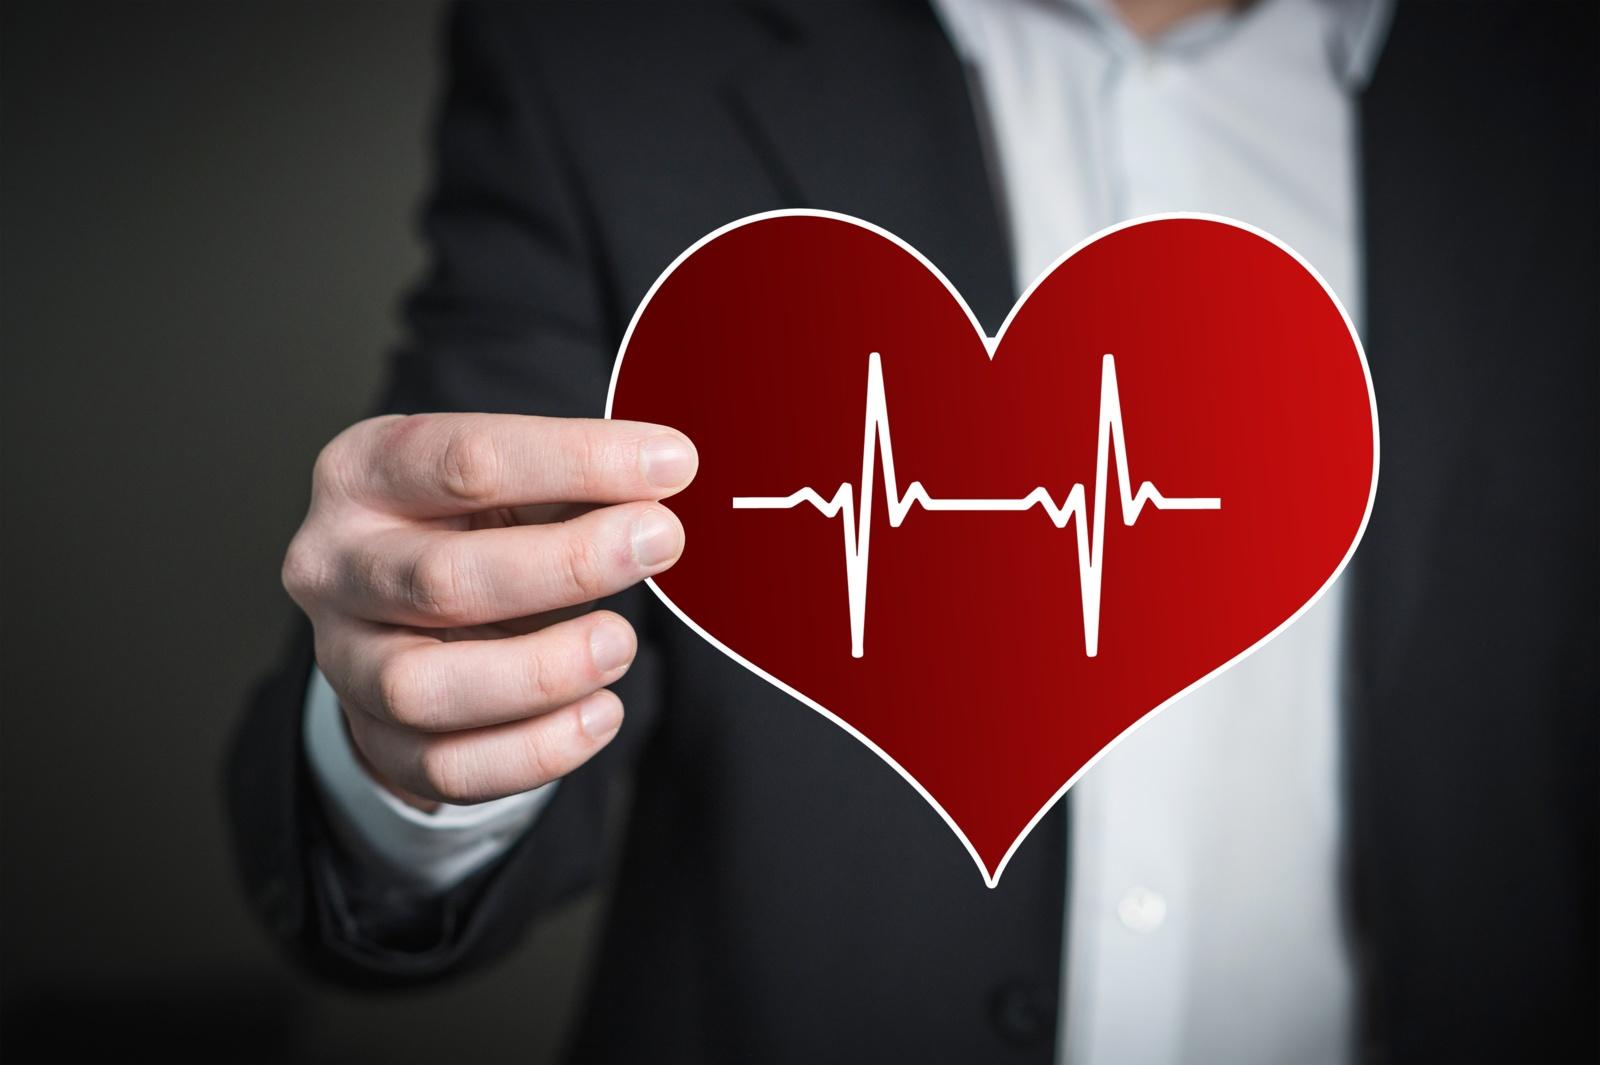 kurį sartaną pasirinkti lengvai hipertenzijai gydyti